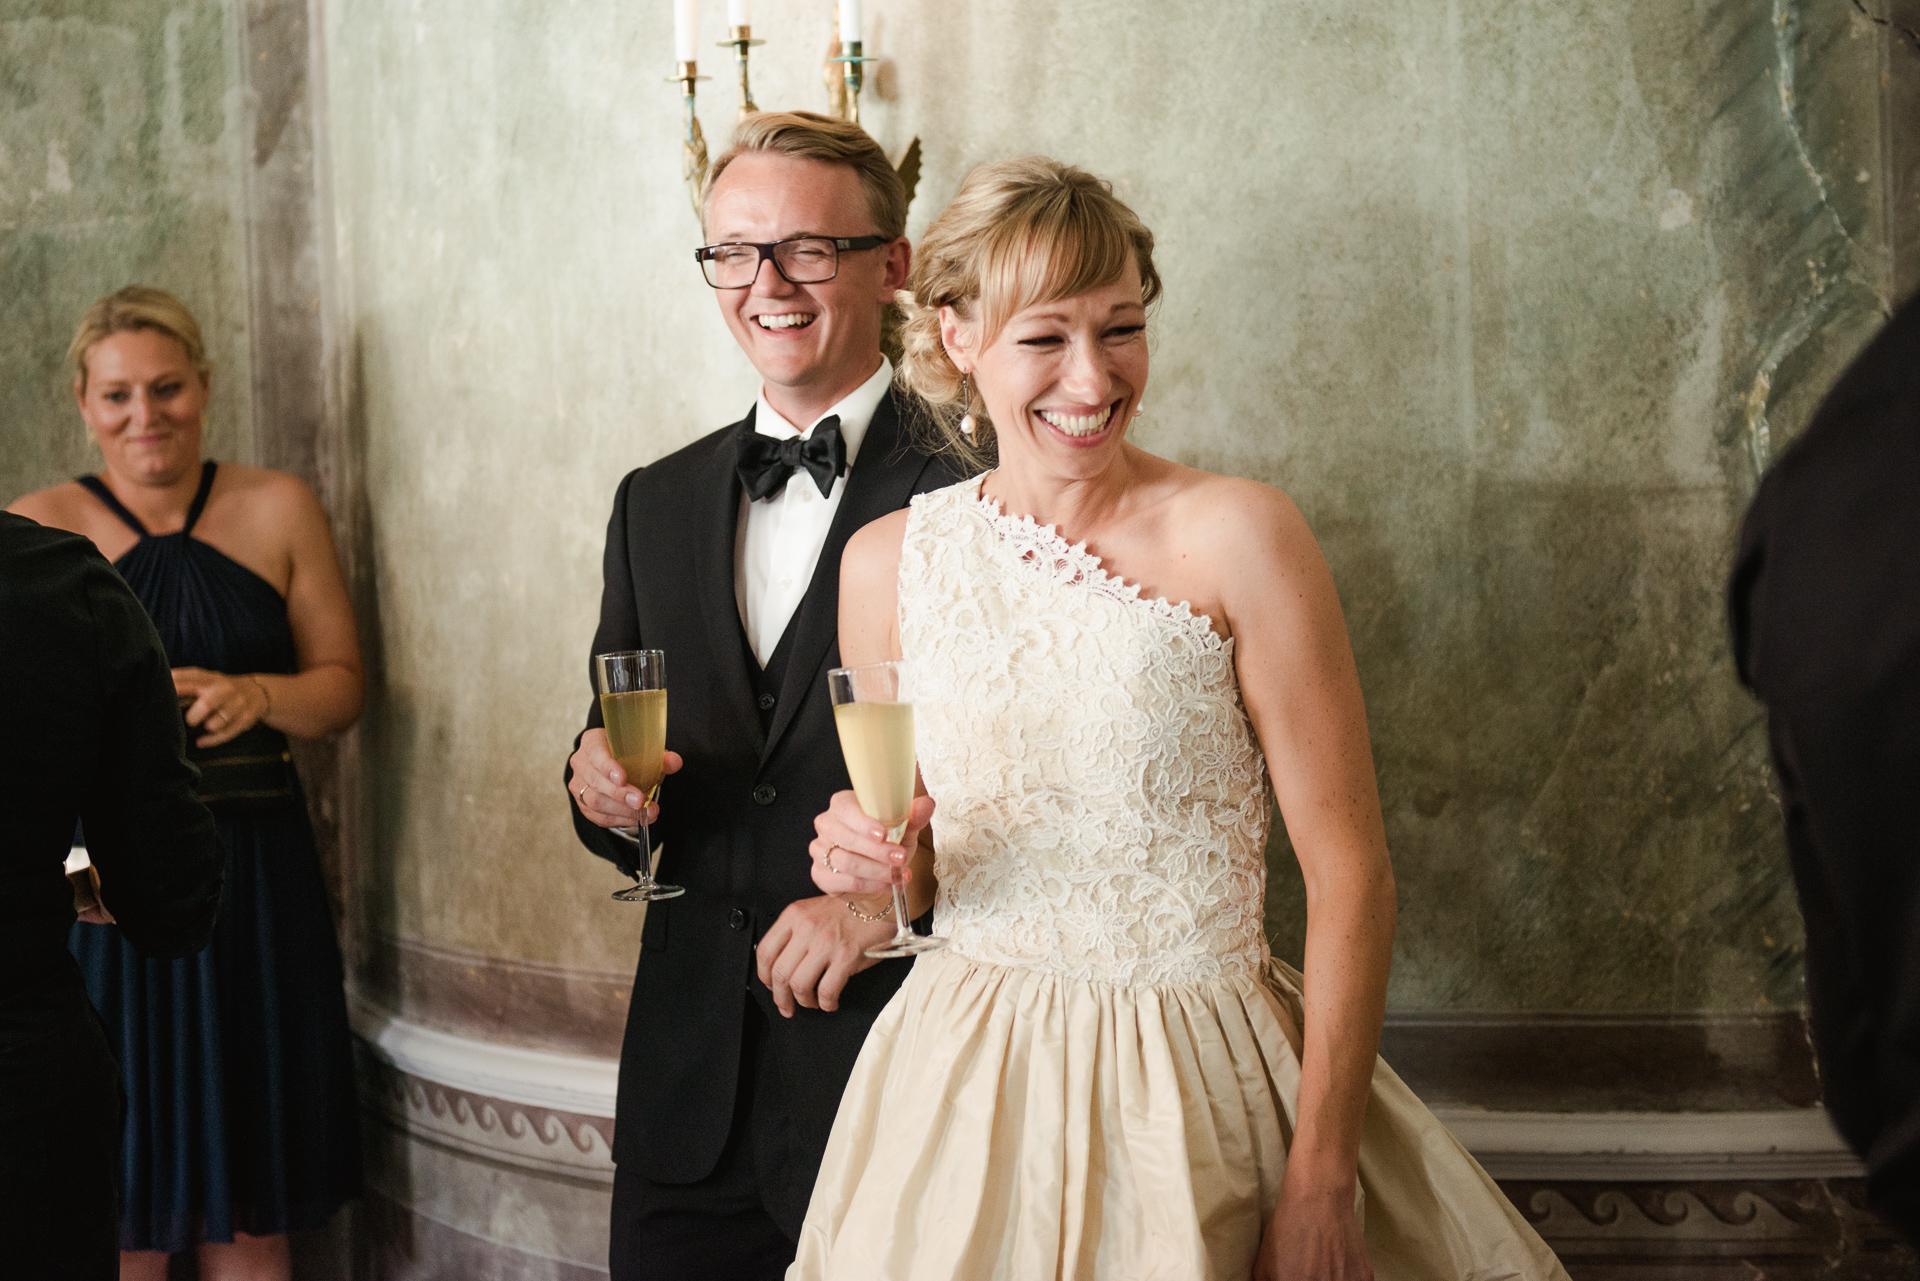 bryllup-wedding-jomfruens-egede-AK-Christian_51